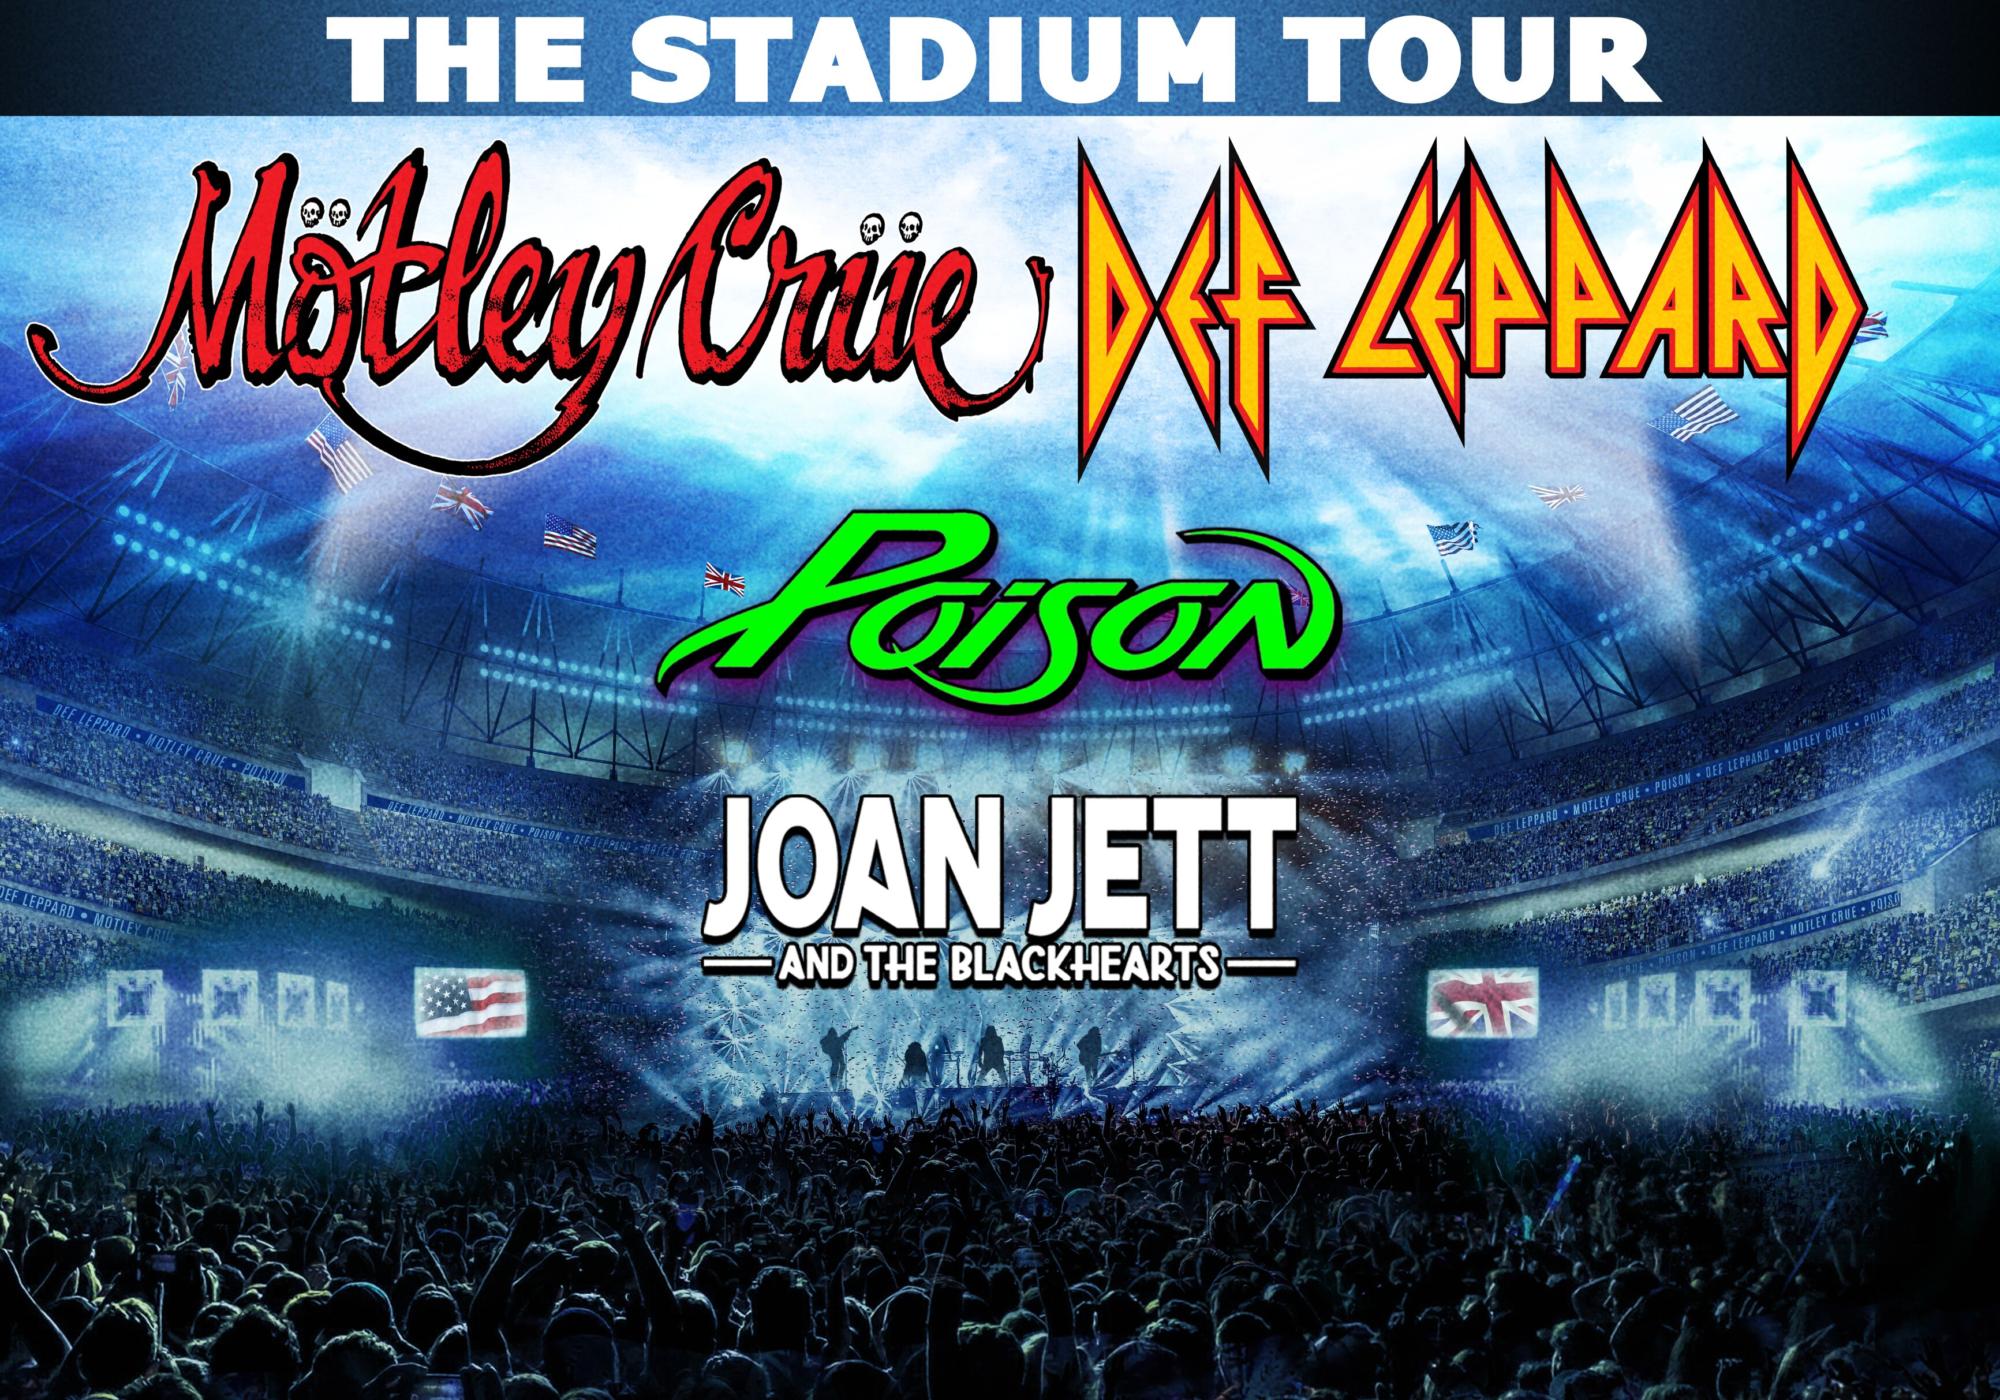 THE STADIUM TOUR, SUMMER 2020